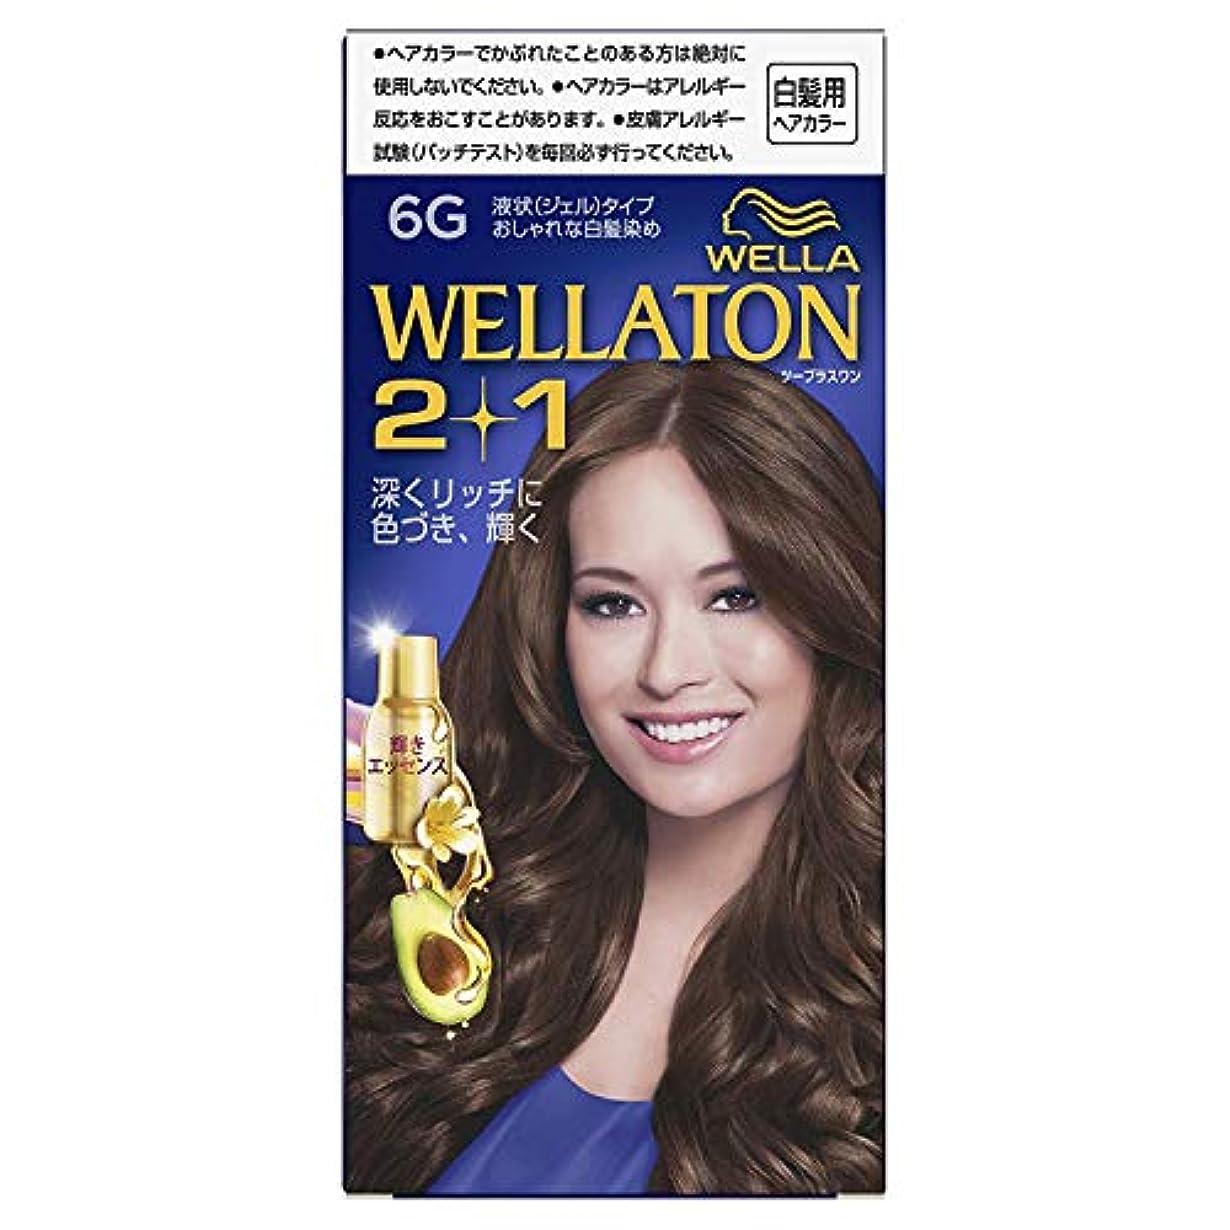 スロープ検体未接続ウエラトーン2+1 白髪染め 液状タイプ 6G [医薬部外品] ×6個